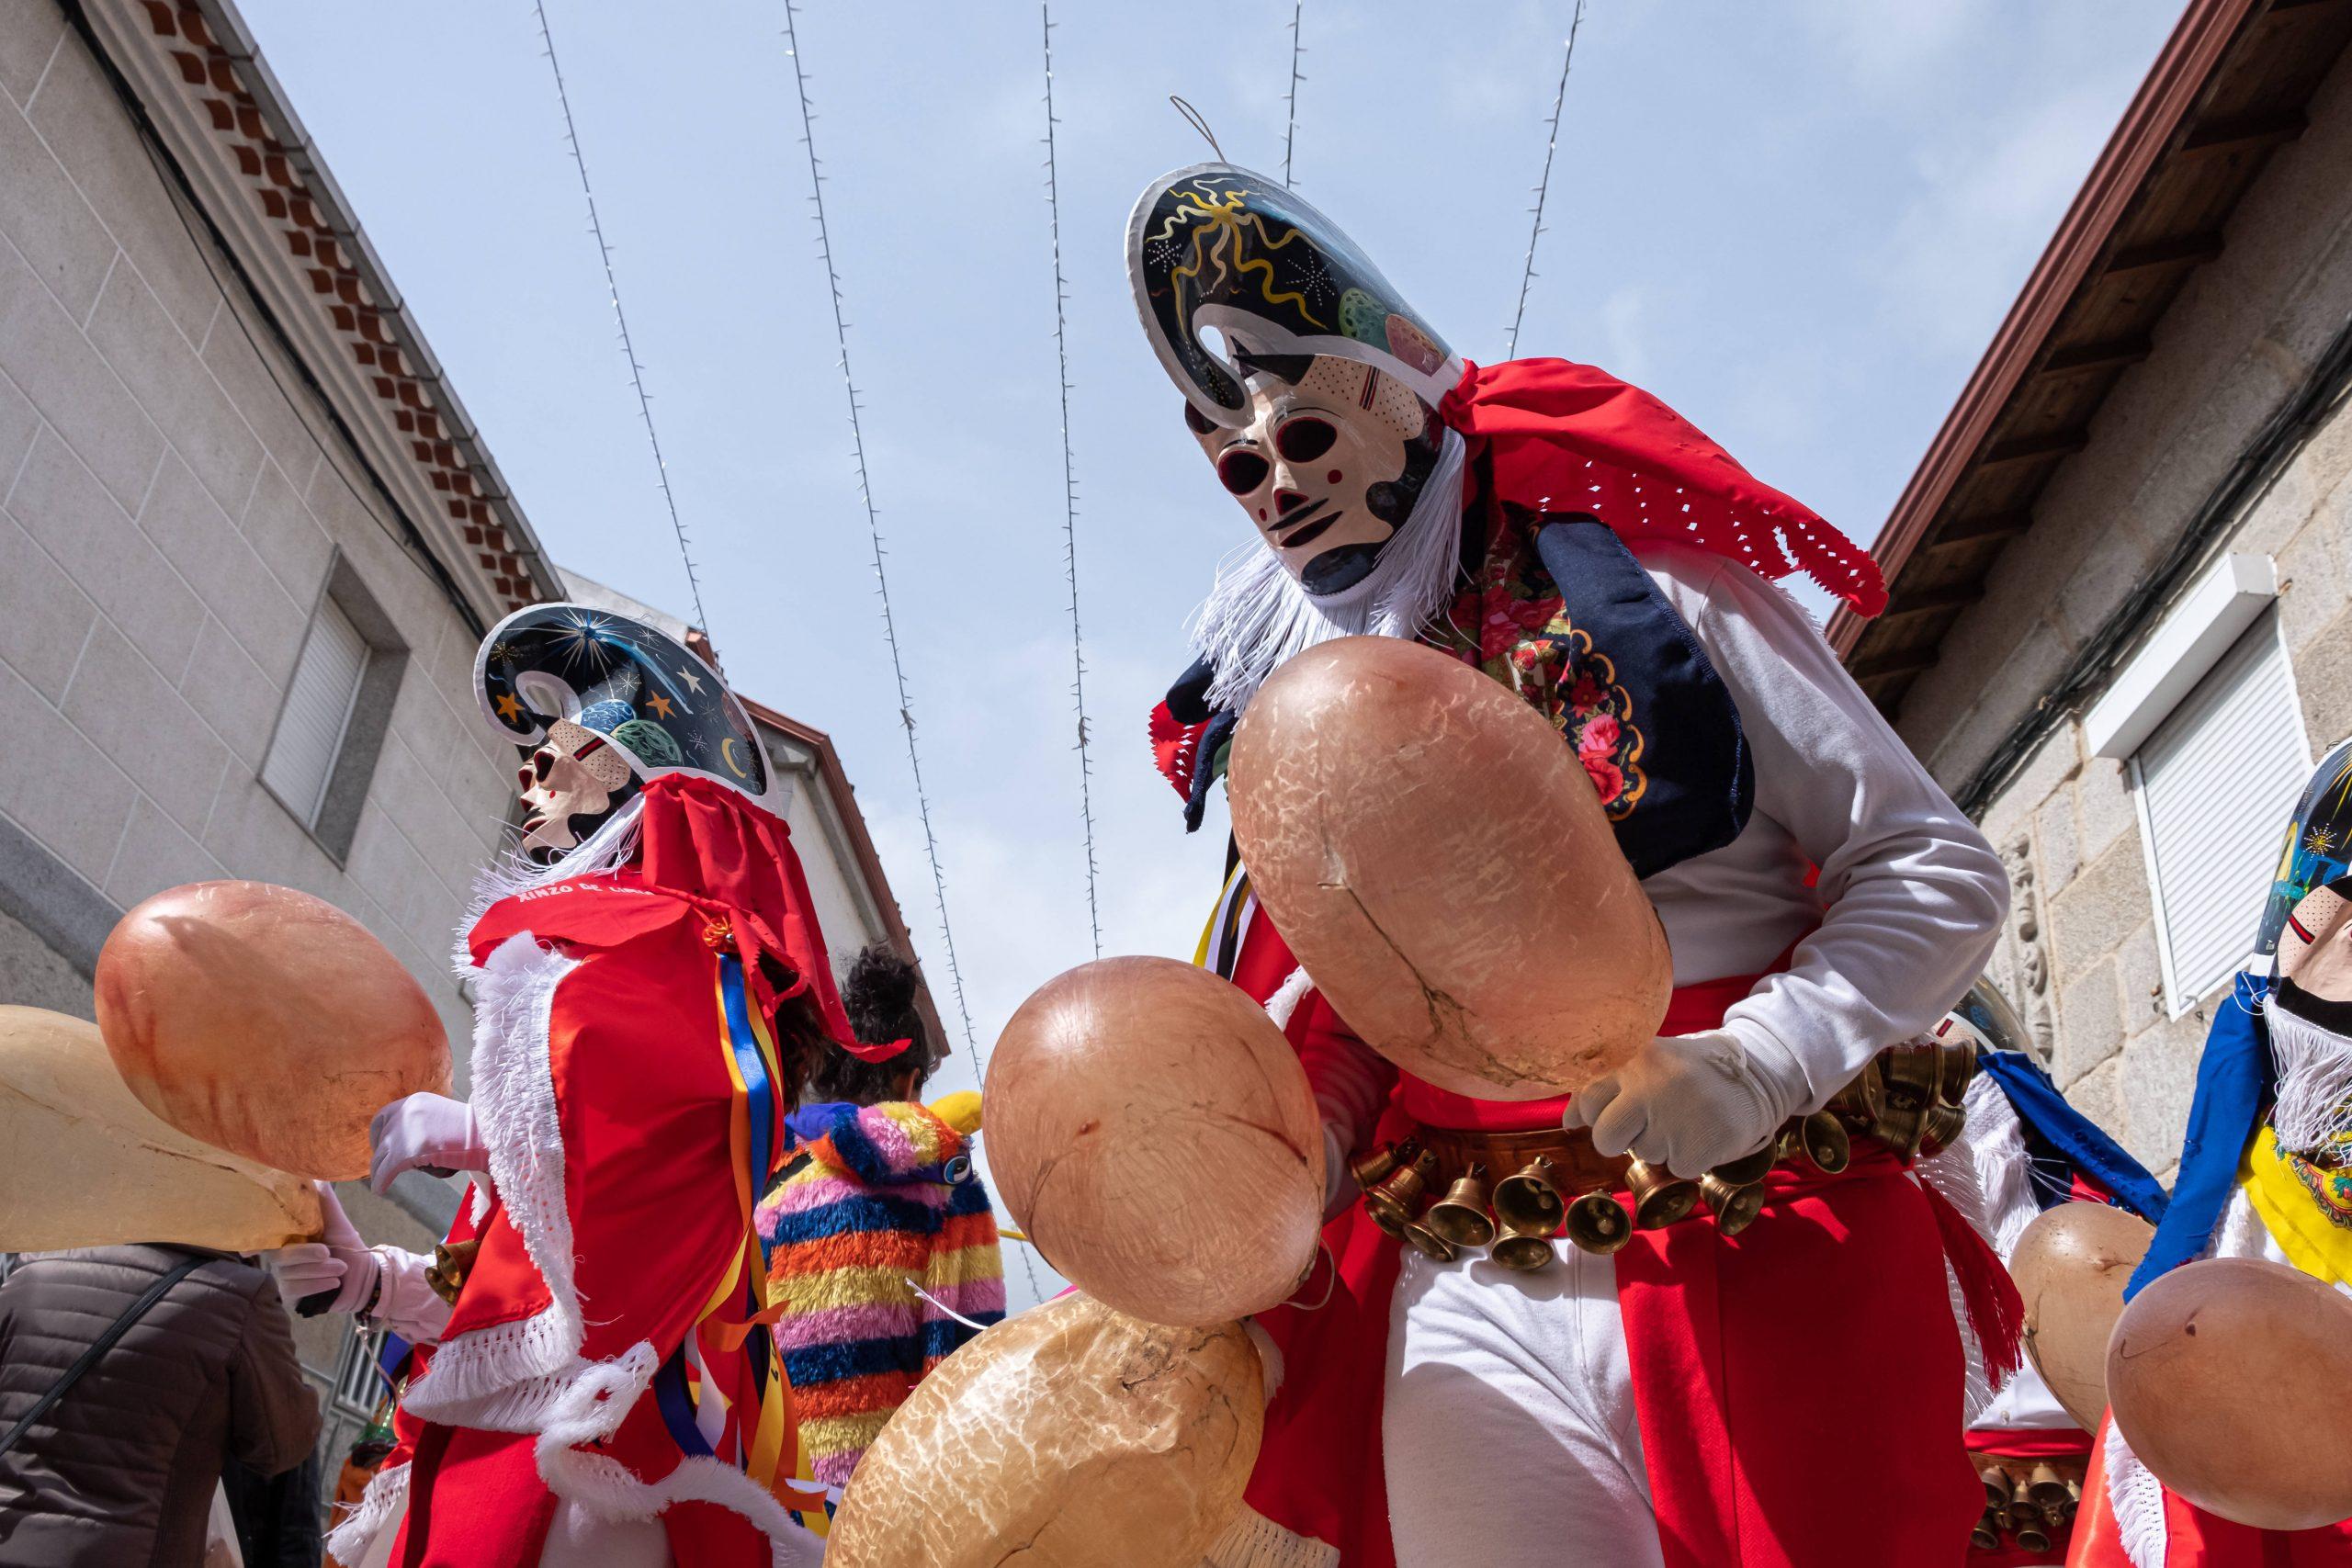 Los carnavales, una de las fiestas tradicionales con más importancia en la actualidad